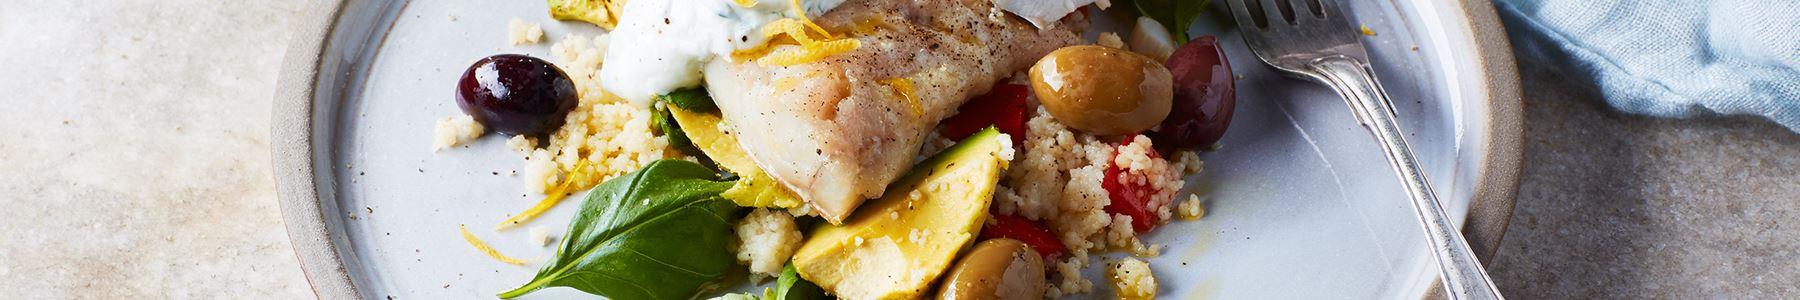 Avokado + Middag + Varmrätt